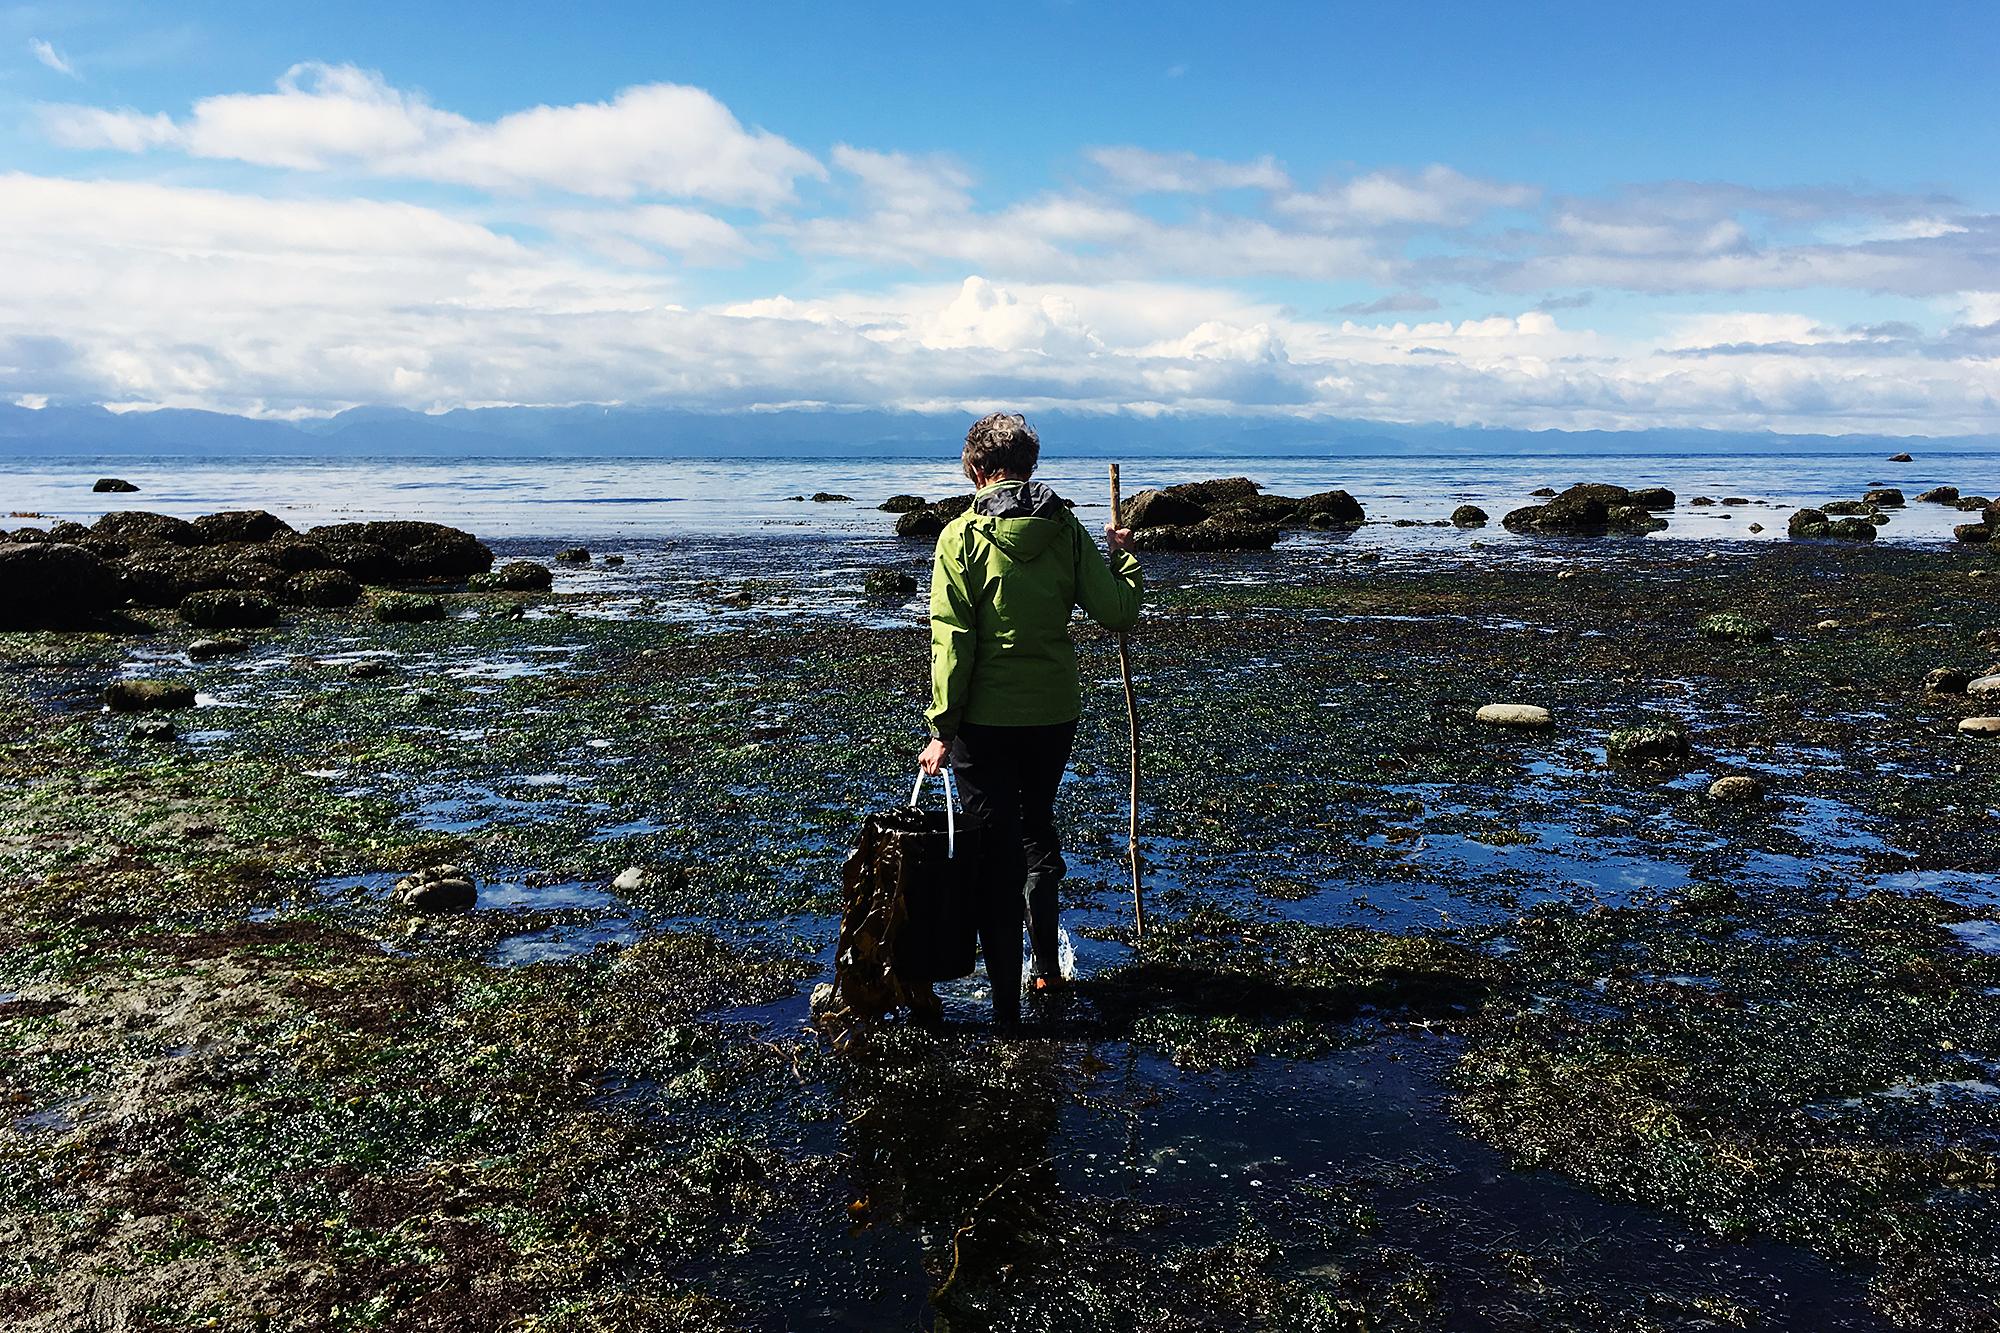 KNKX Salish Sea